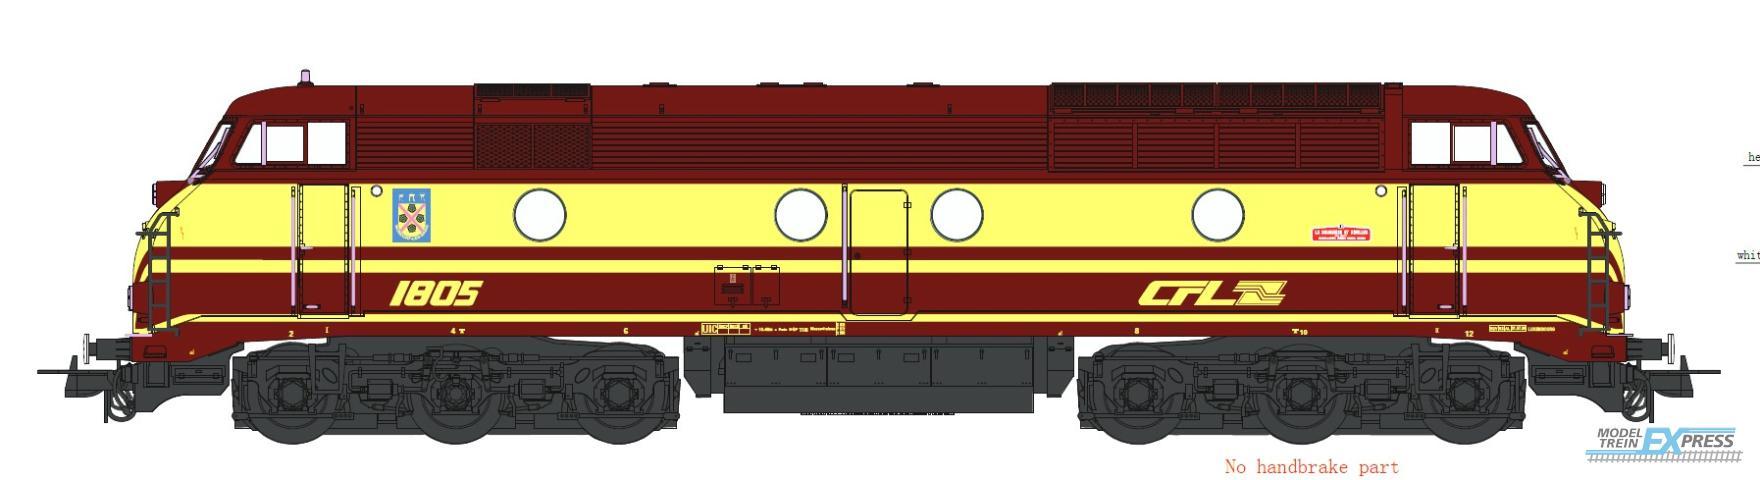 B-Models 20.906